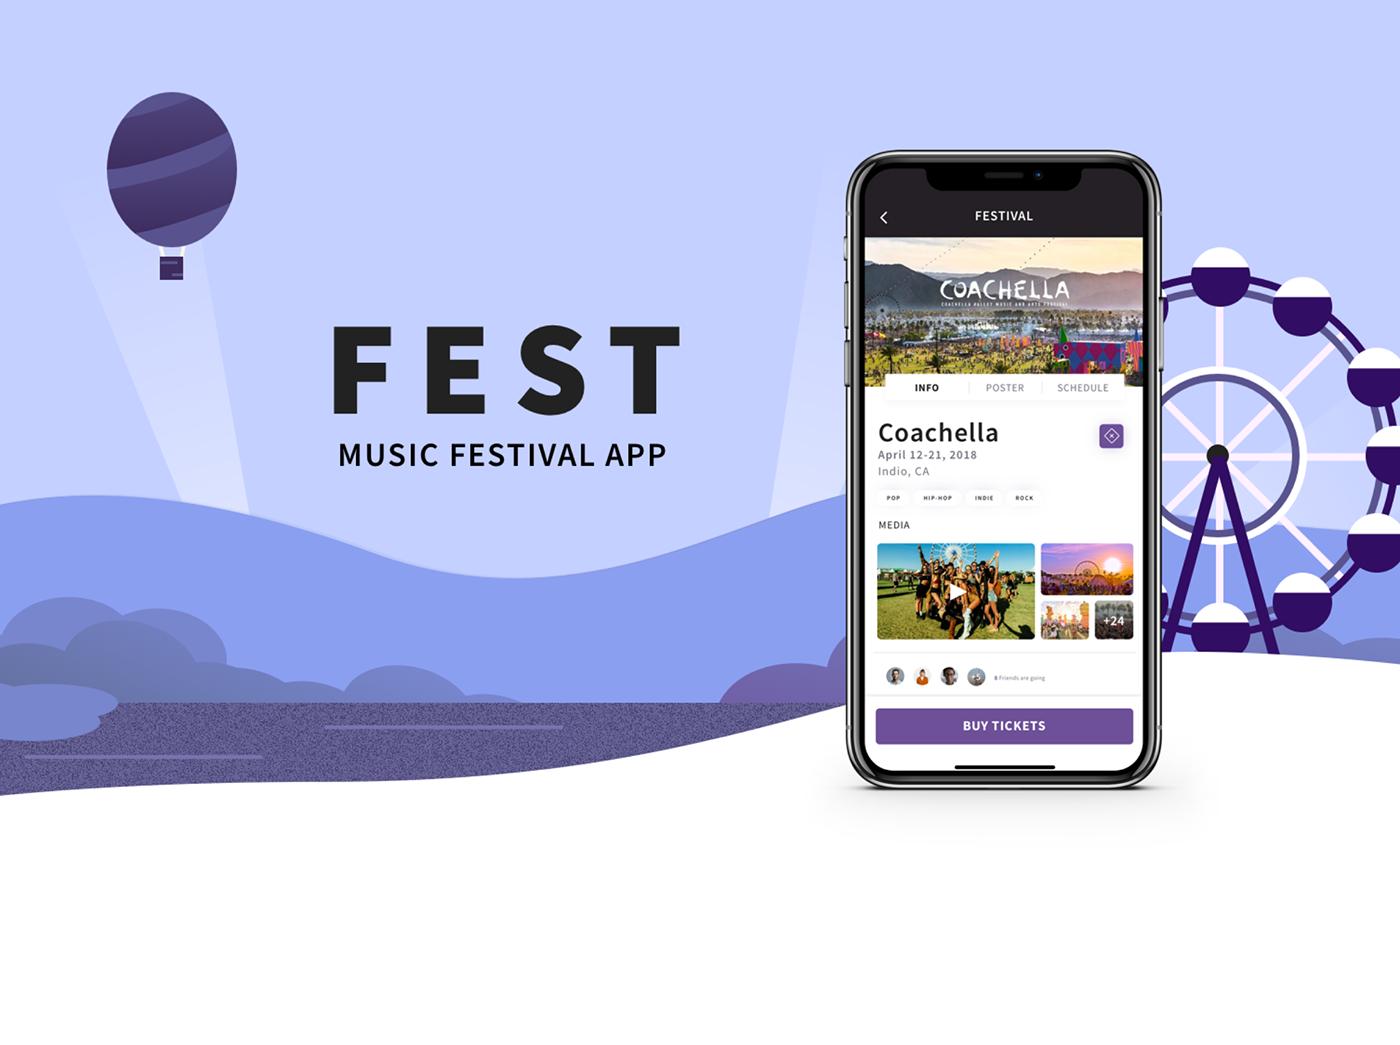 FEST - Music Festival App Case Study on Behance